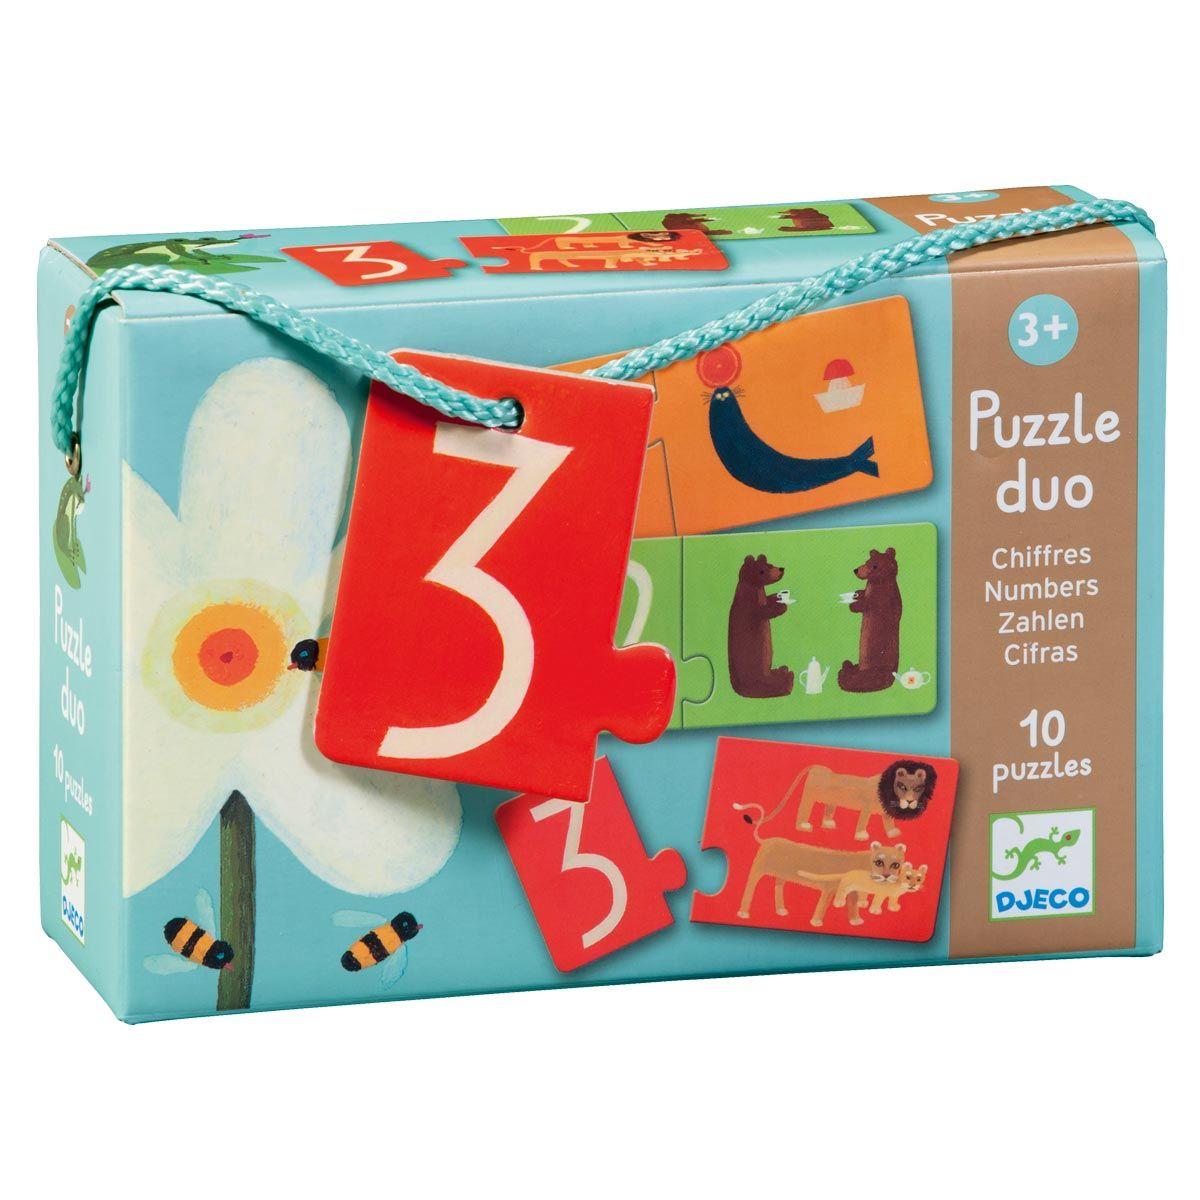 Puzzle Duo Chiffres Djeco Pour Enfant De 3 Ans À 5 Ans à Jeux Enfant 3 Ans En Ligne